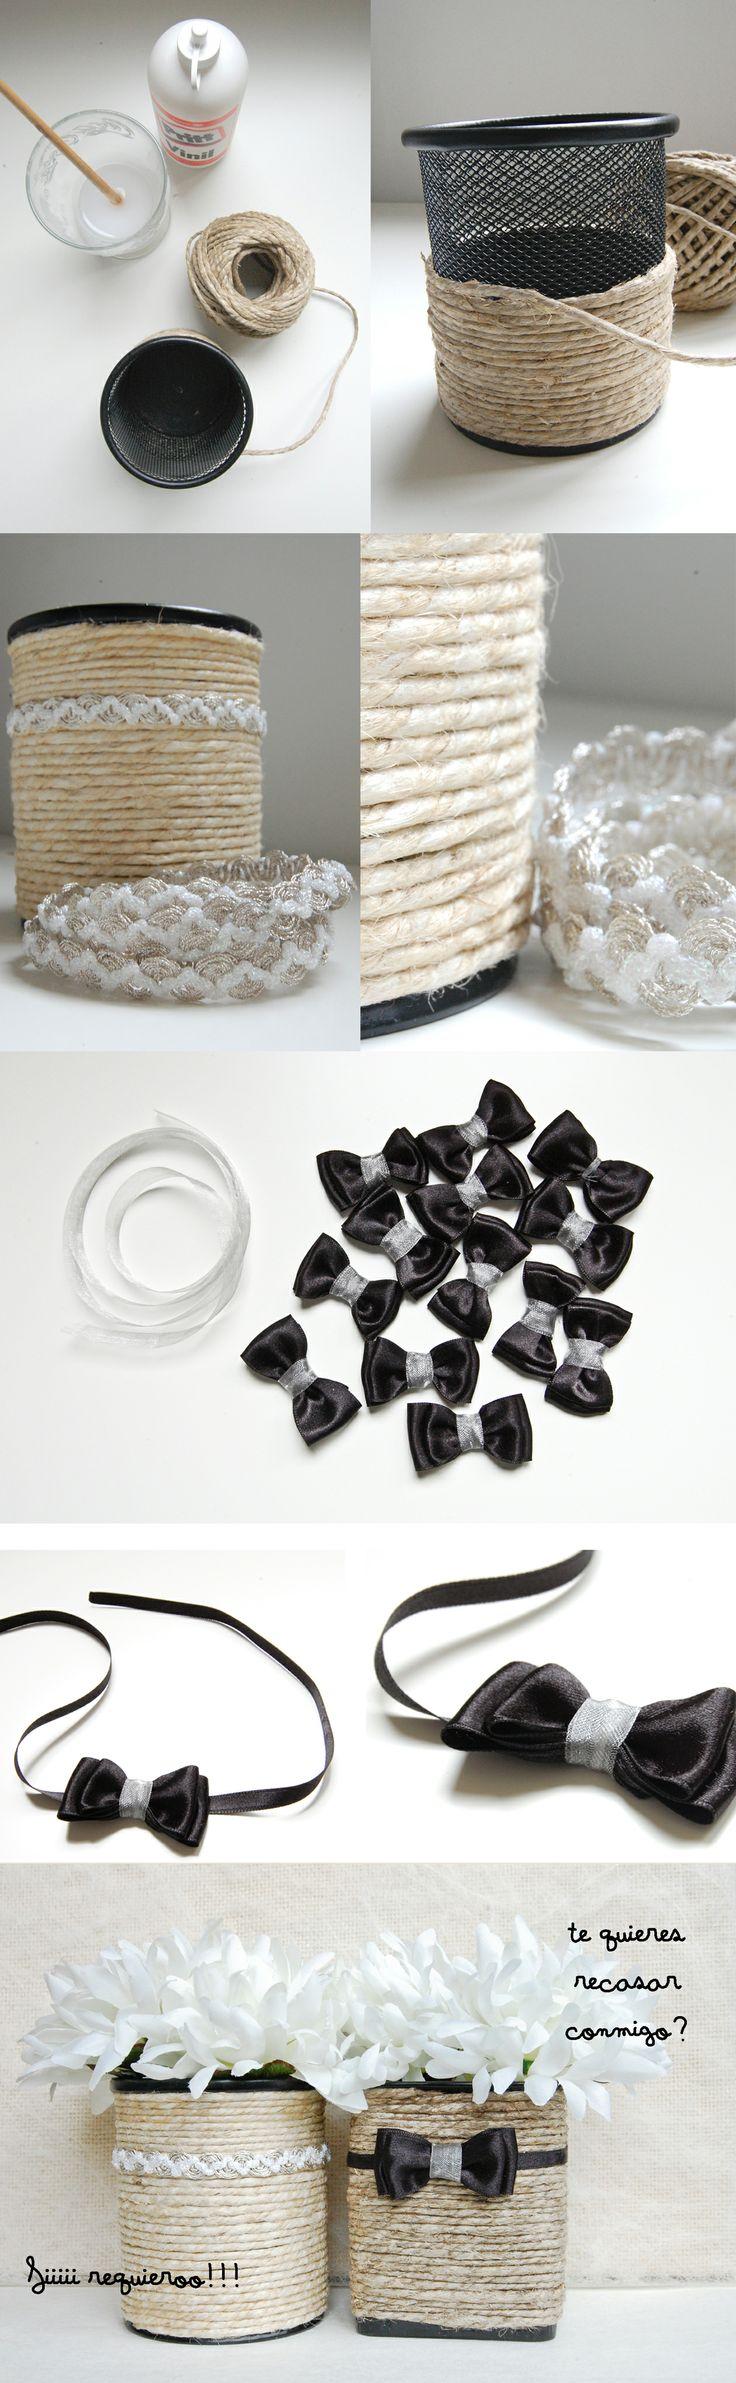 Detalles para bodas de plata ideas para bodas - Ideas bodas de plata ...